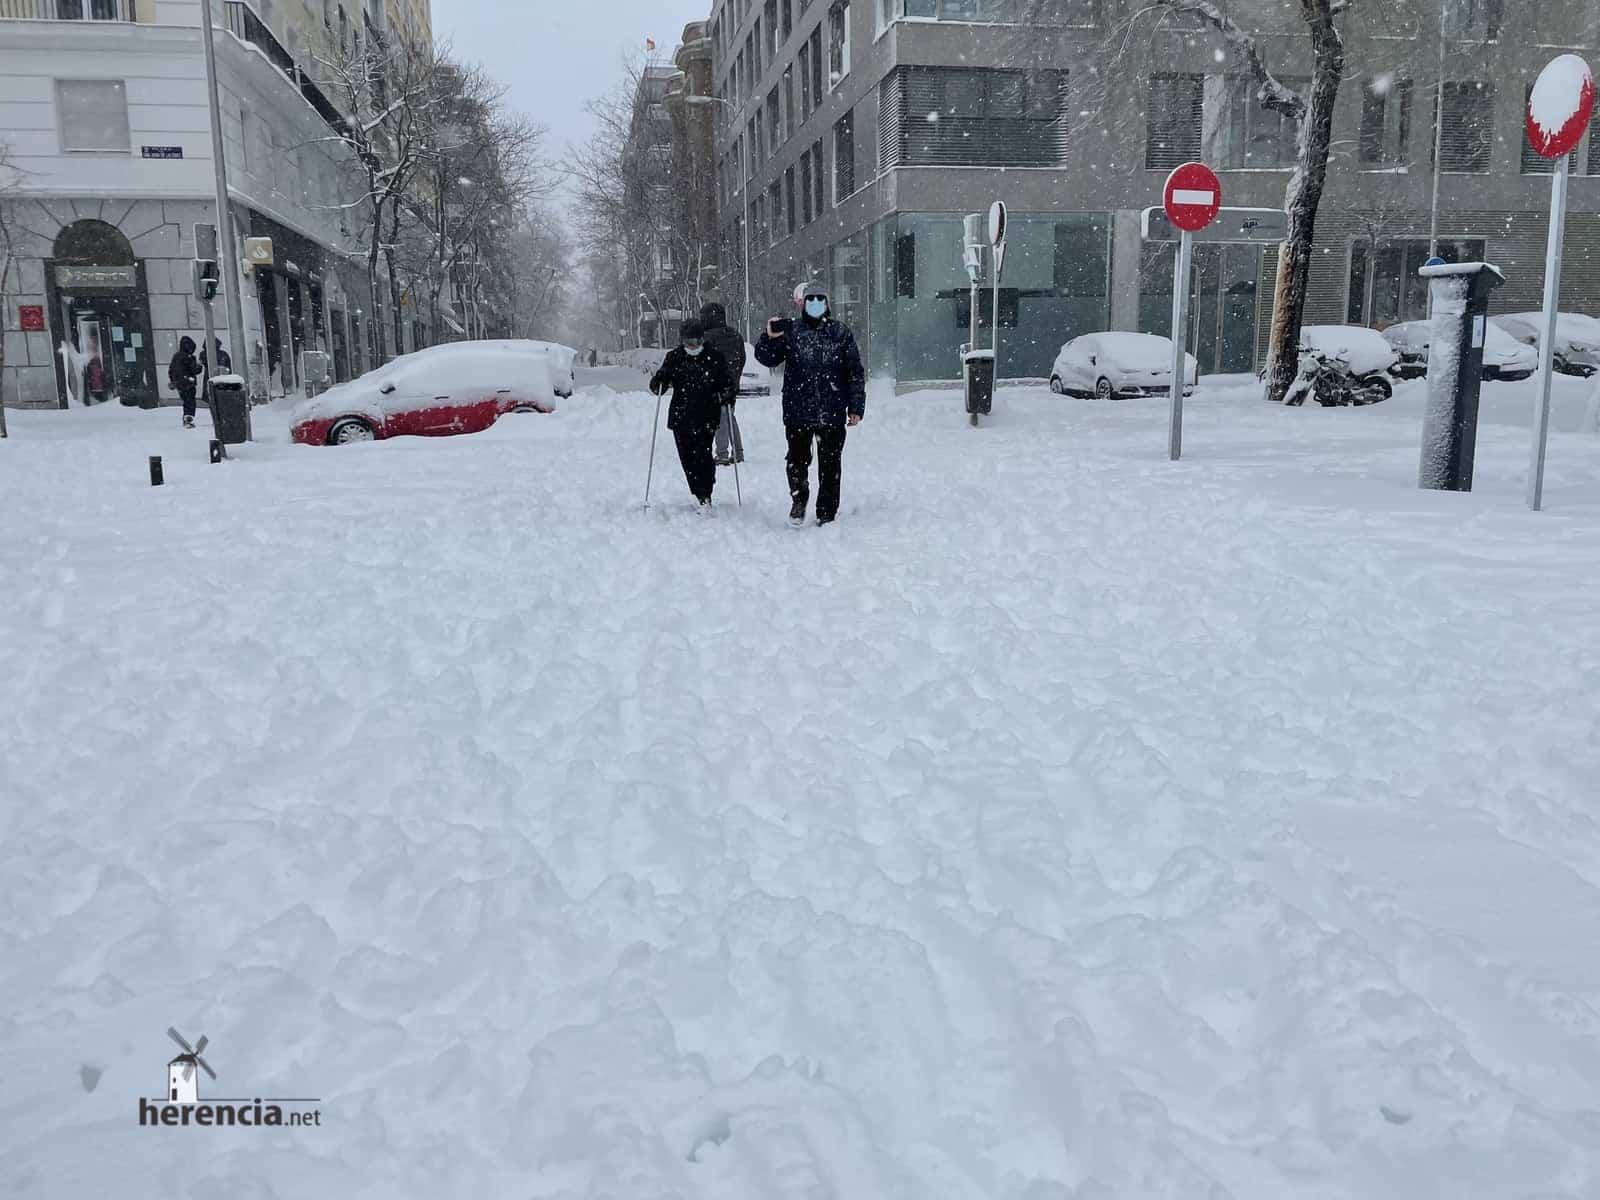 Más fotografías de las nieves de 2021 en Herencia 147